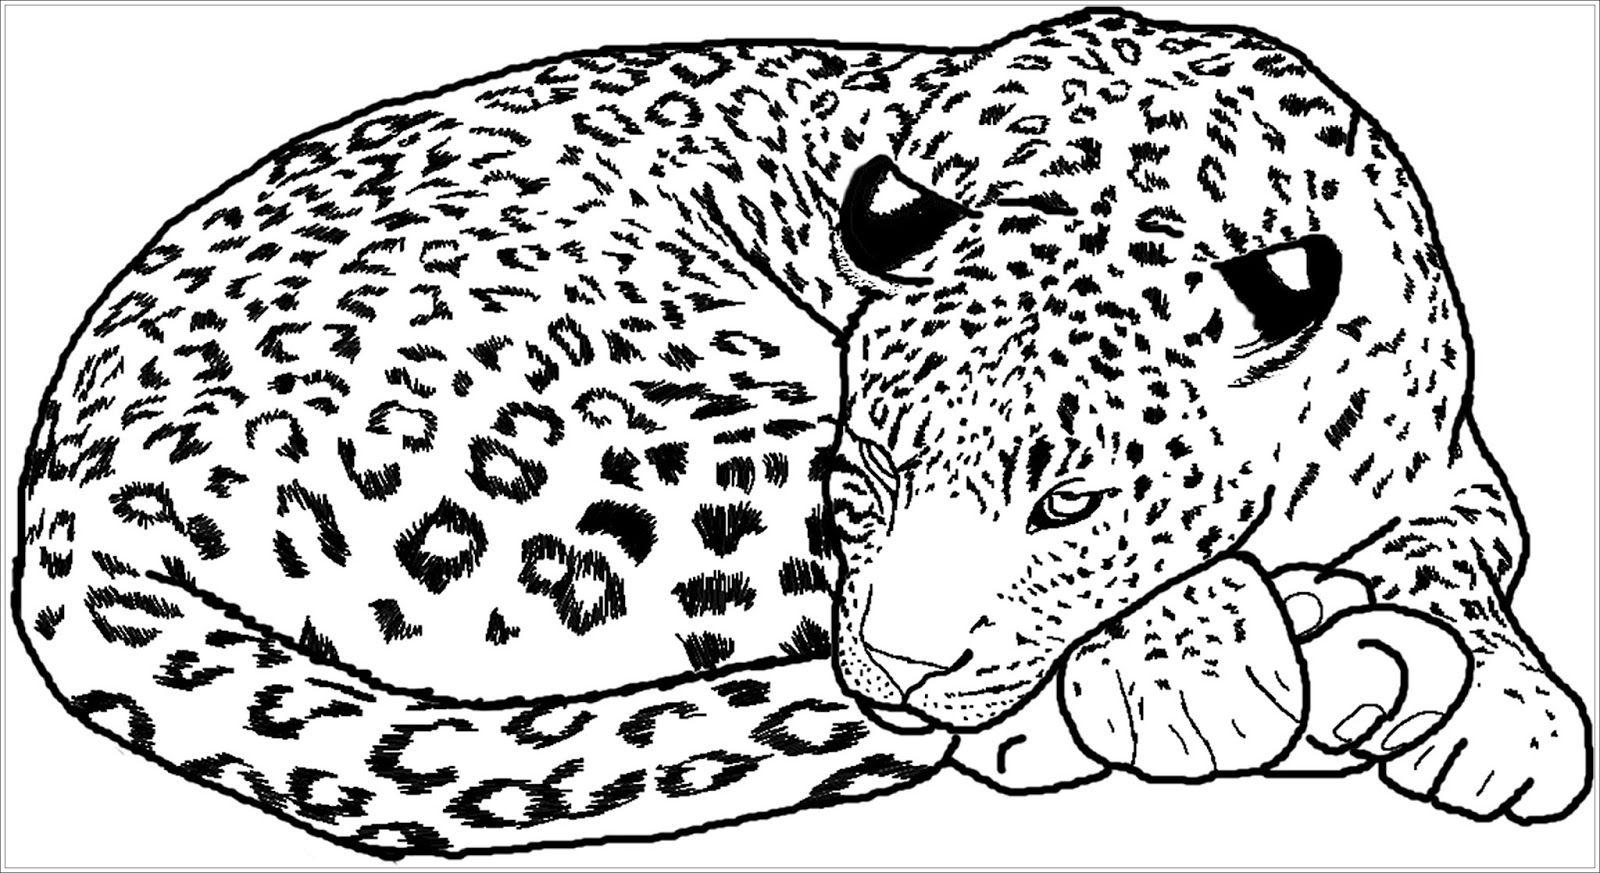 Ausmalbilder Gepard 286 29 Jpg 1600 873 Zoo Animal Coloring Pages Coloring Pages For Kids Animal Coloring Books